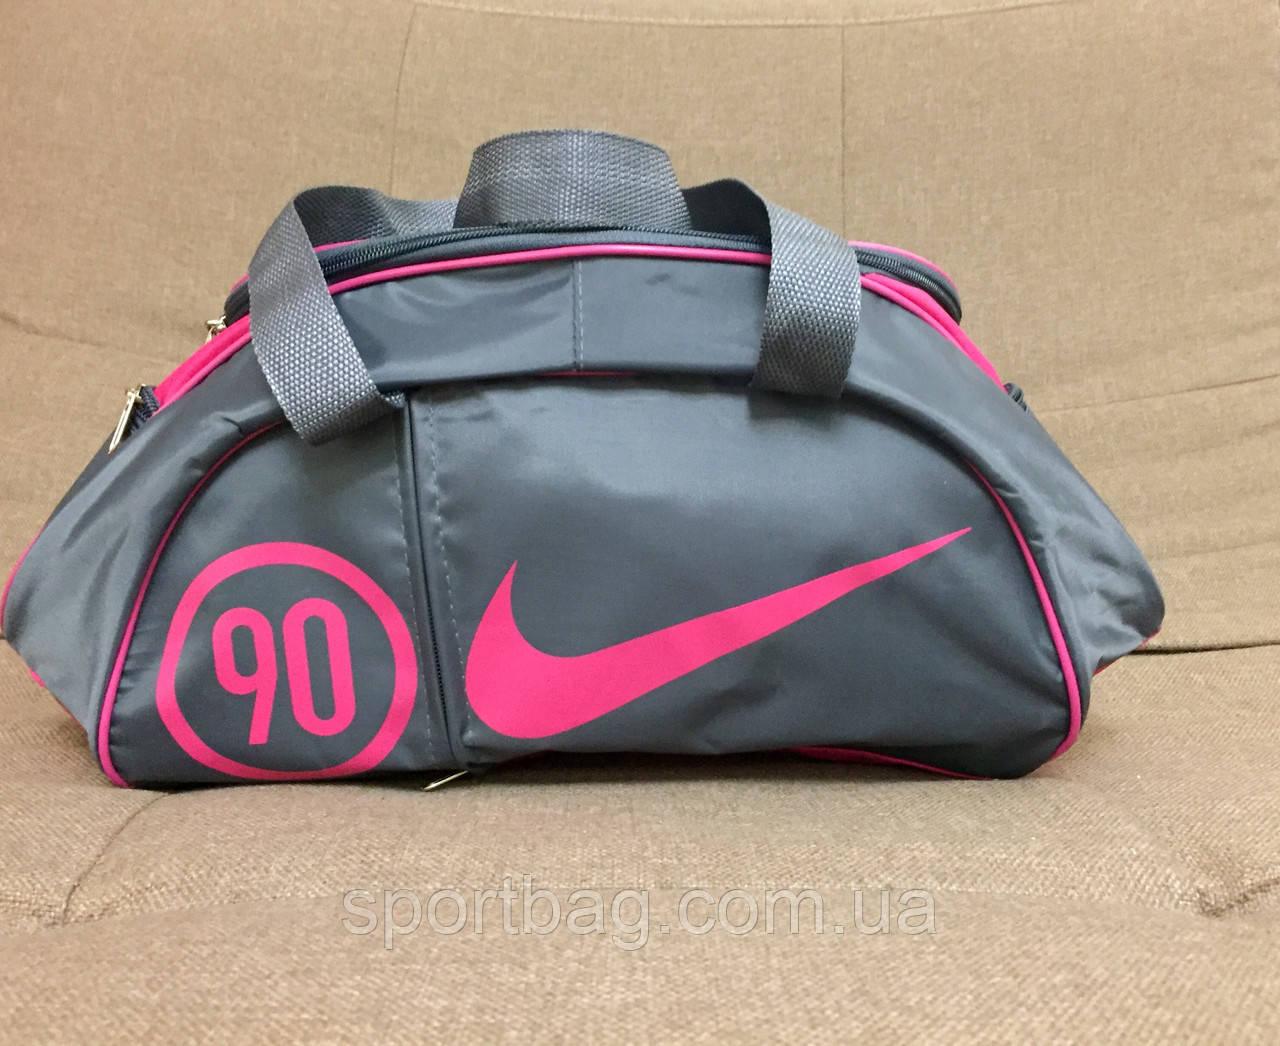 b8b5f89a Сумка женская спортивная Nike (серая + розовый): продажа, цена в ...